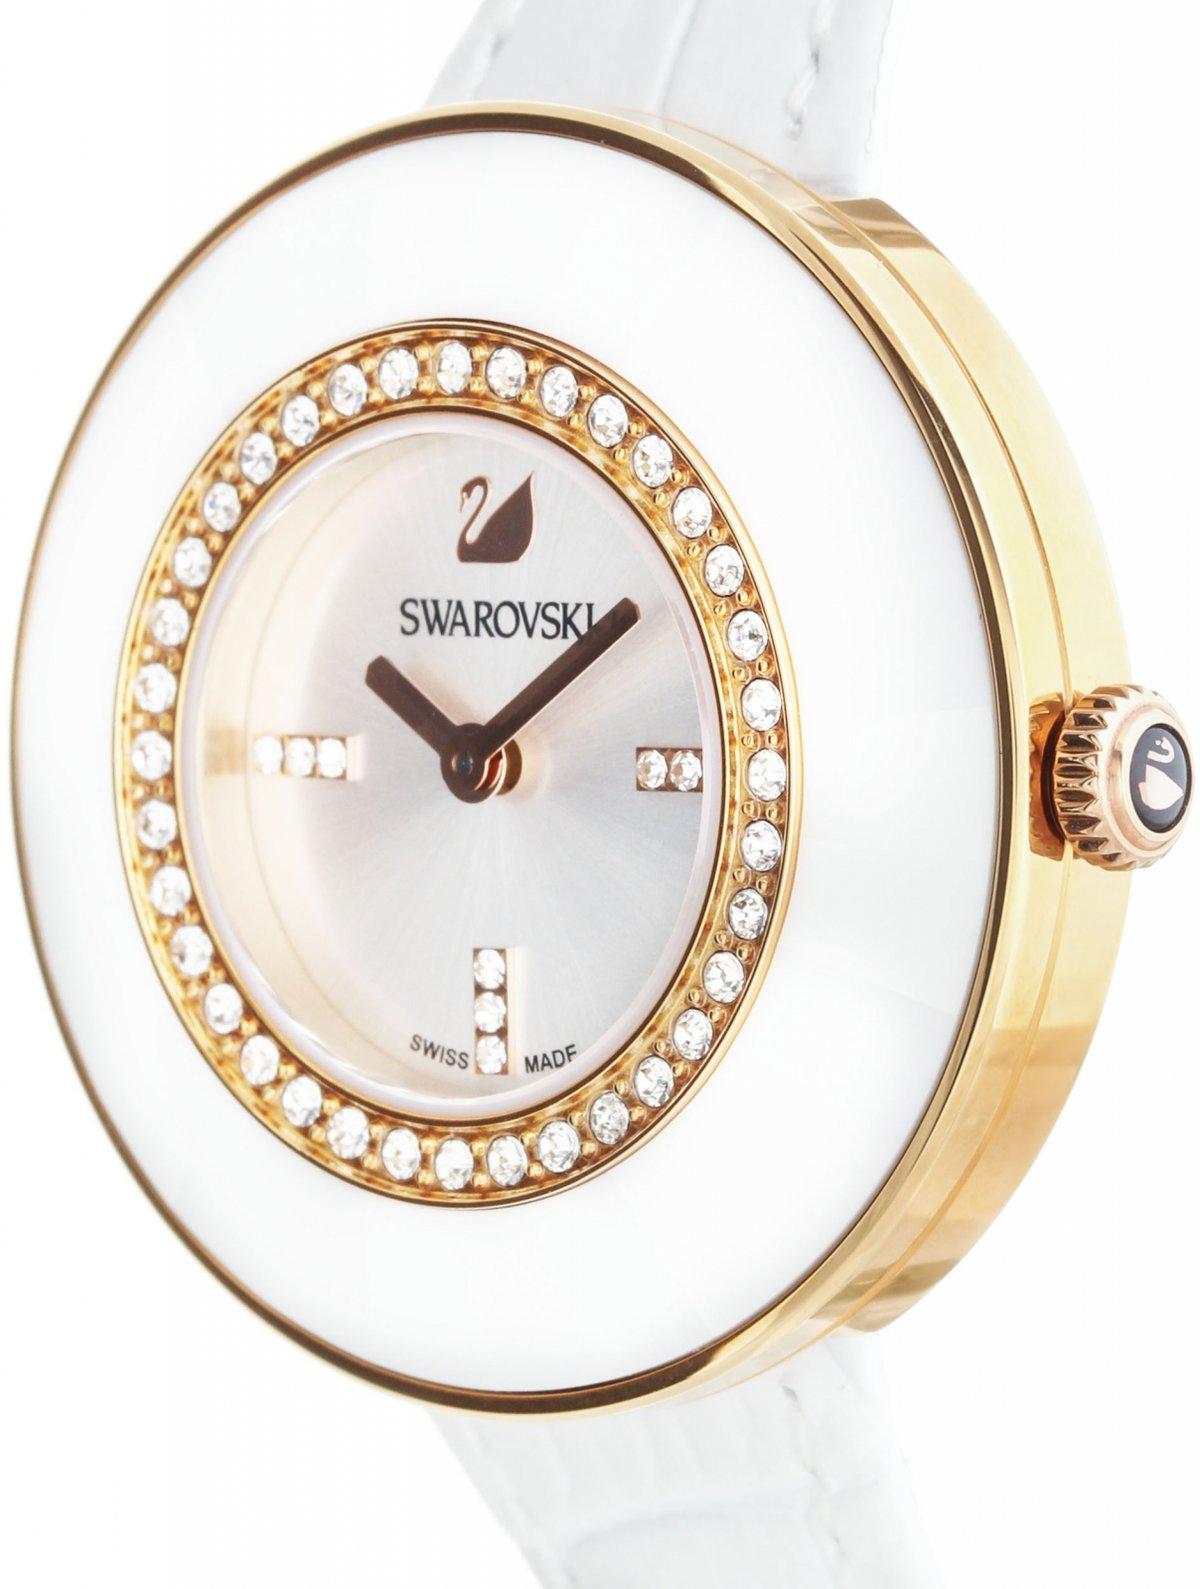 Такие часы обязательно займут особое место в вашем сердце и будут бесконечно радовать.